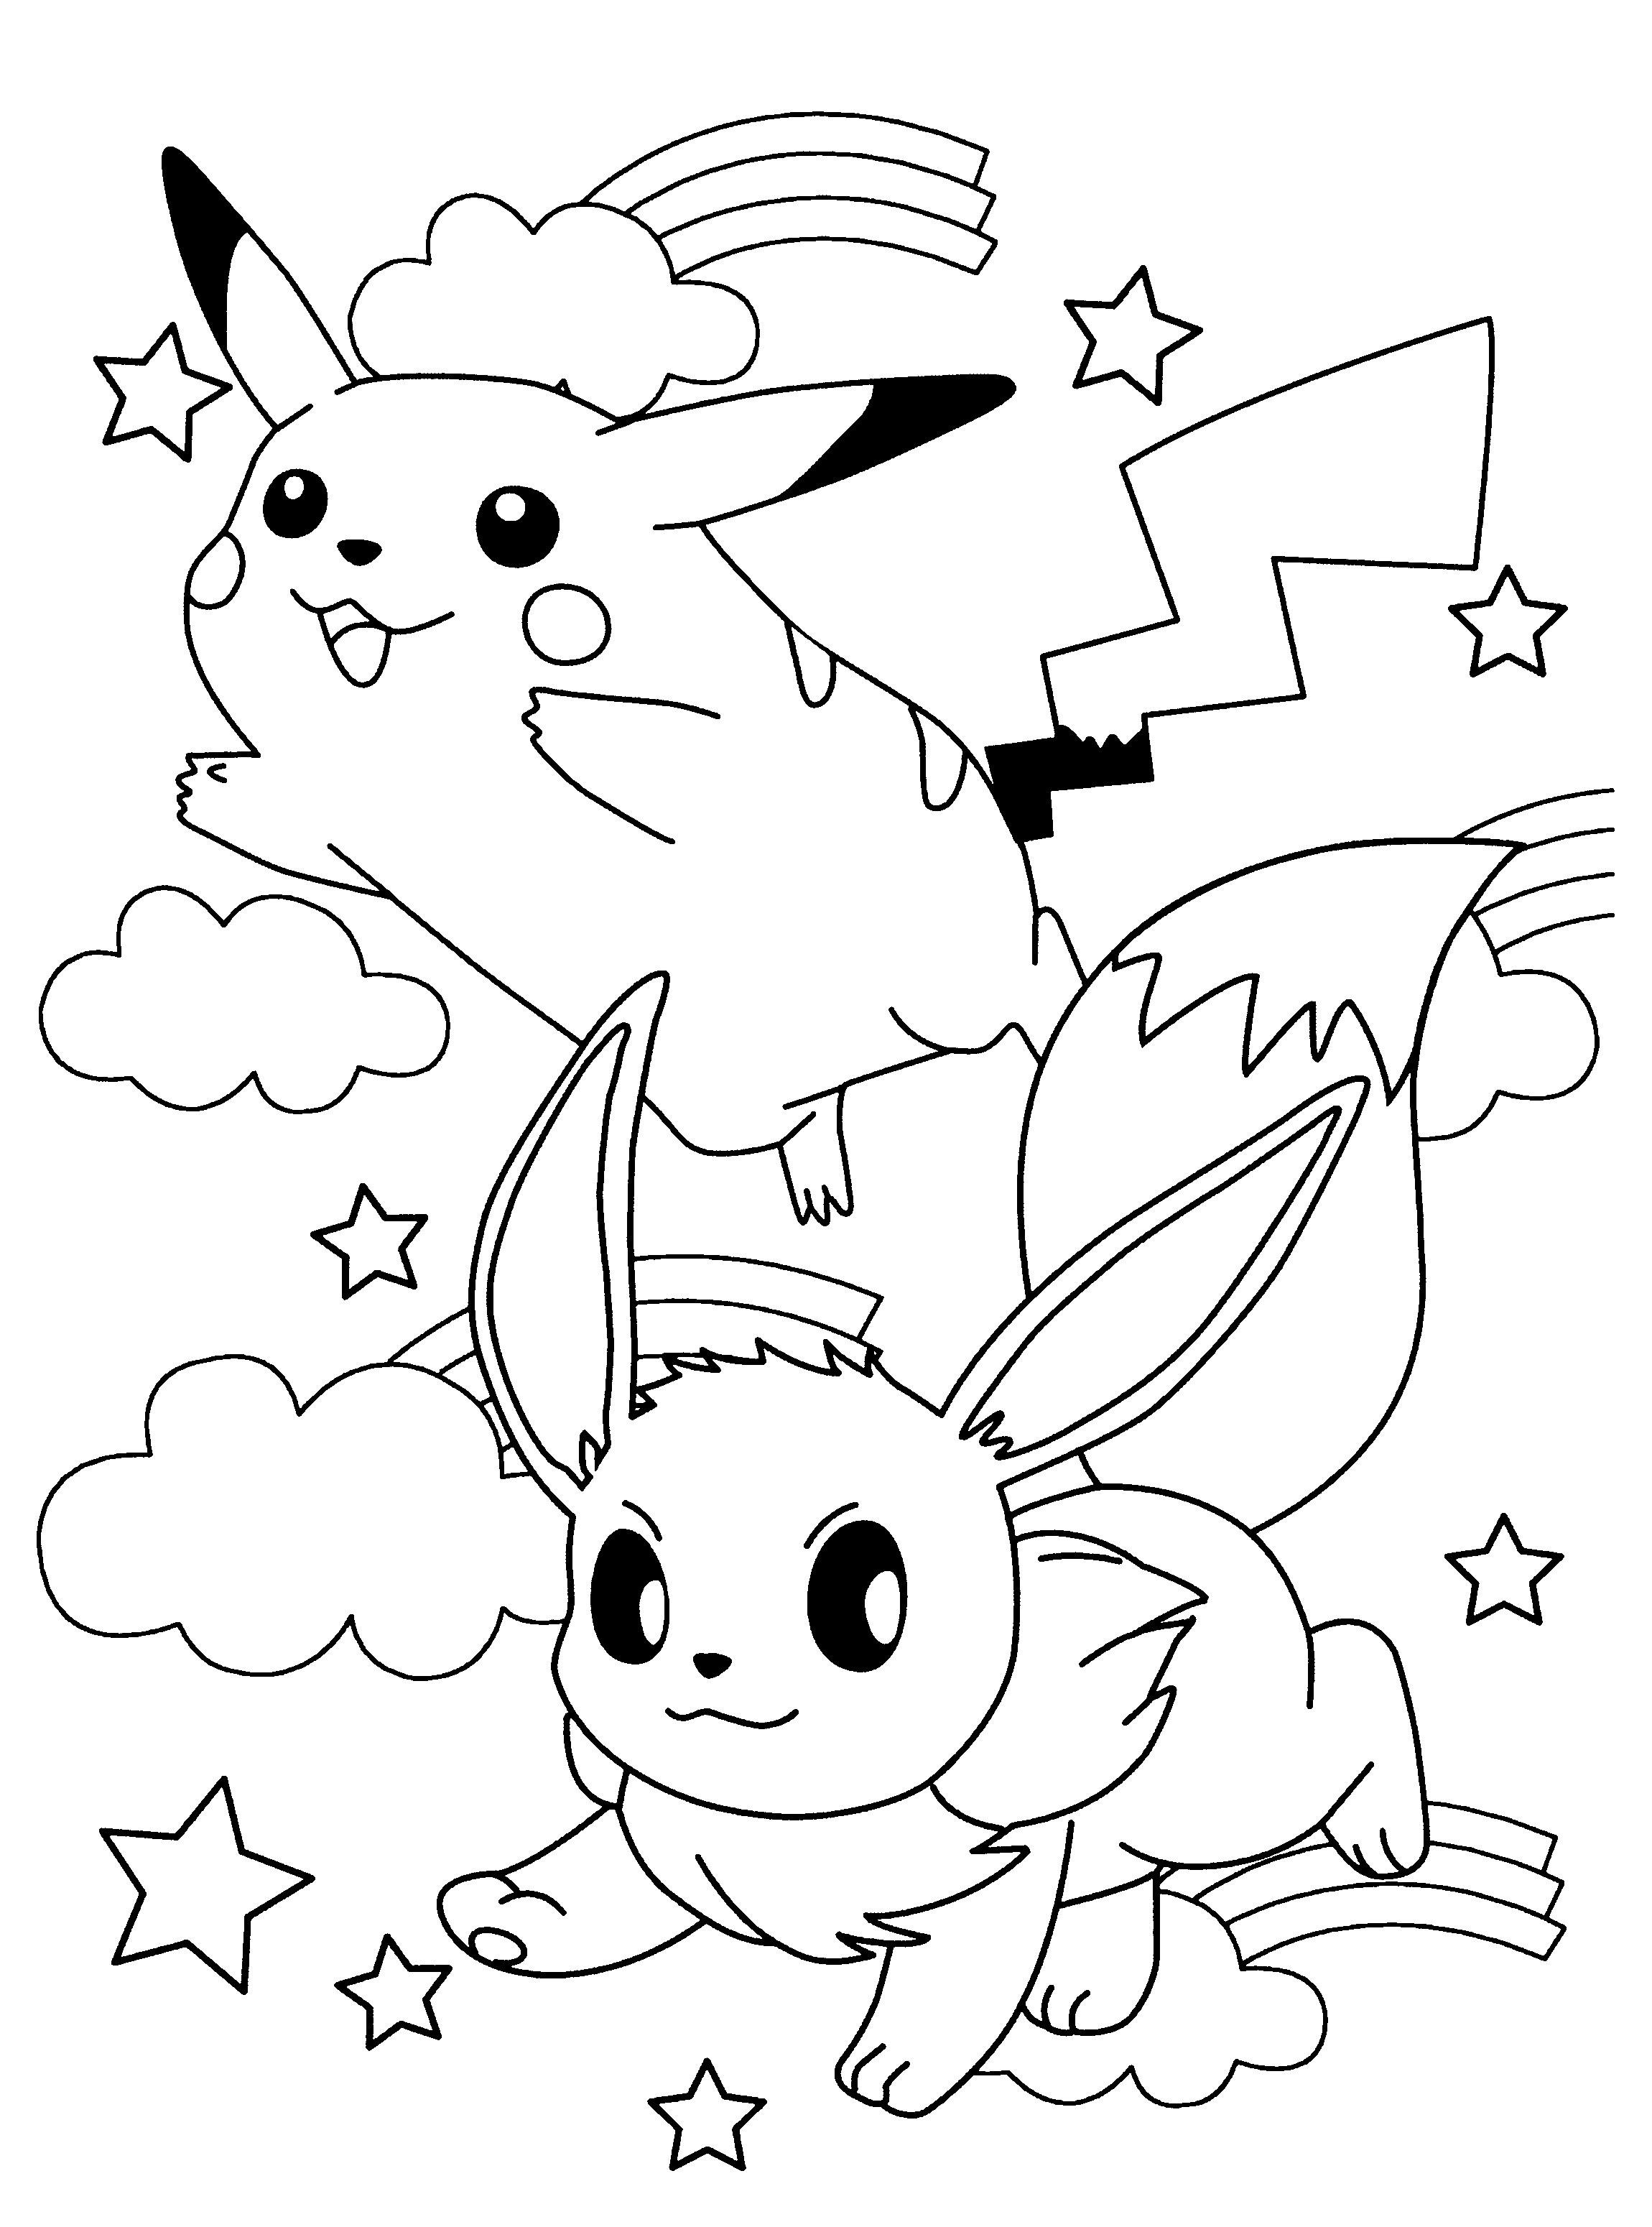 Pokemon sonne Und Mond Ausmalbilder Neu Ausmalbilder Pokemon Ausmalbilder 123 Schön Ausmalbilder Pokemon Sammlung